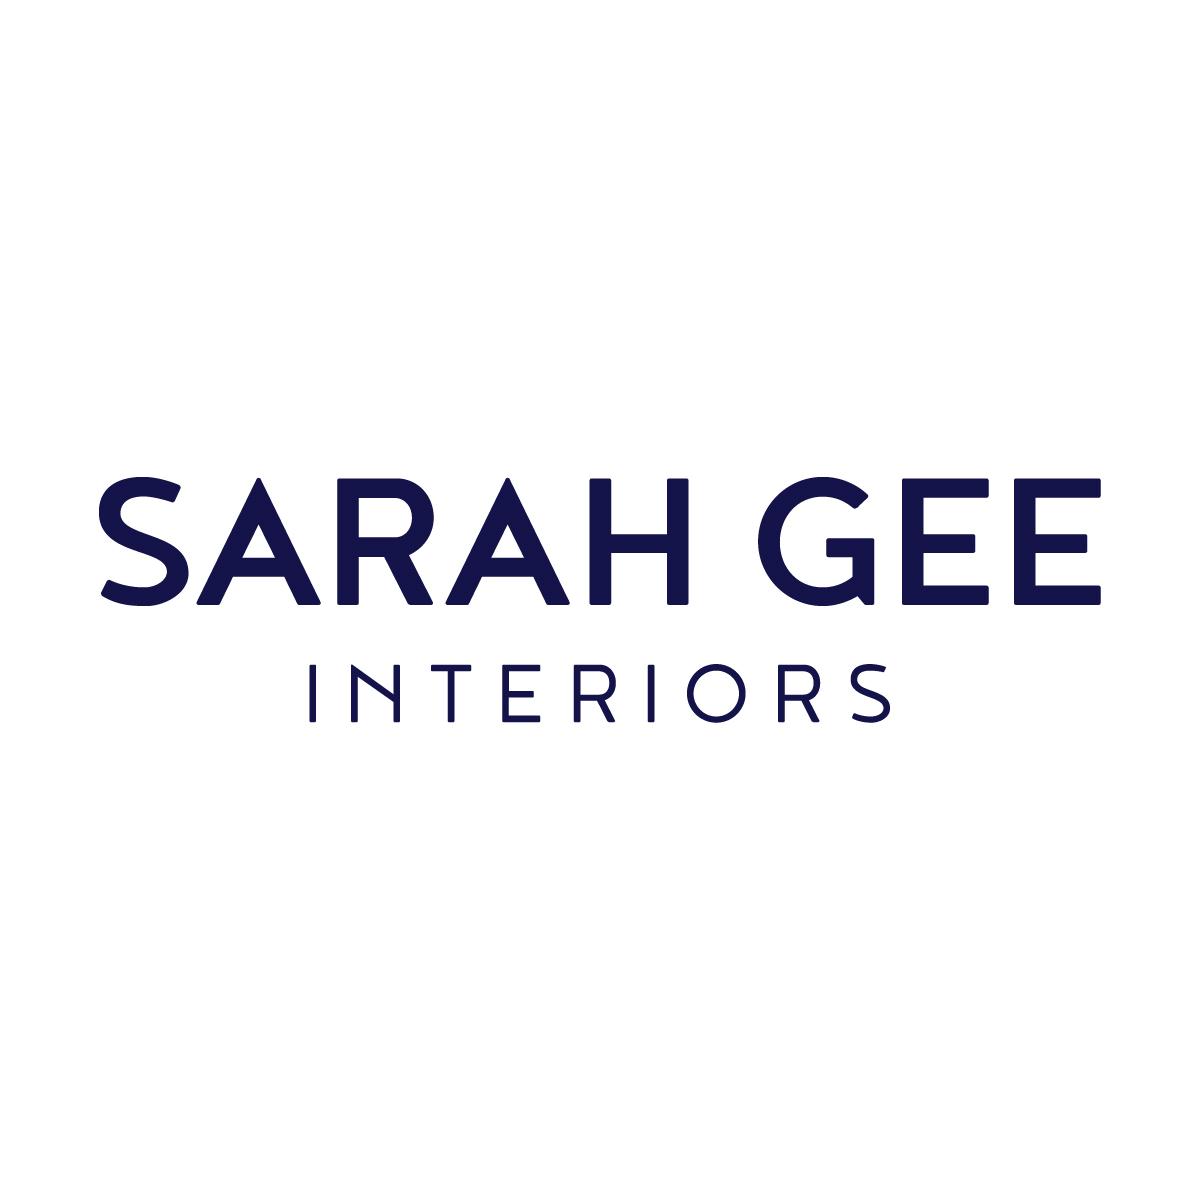 Sarah Gee Interiors logo